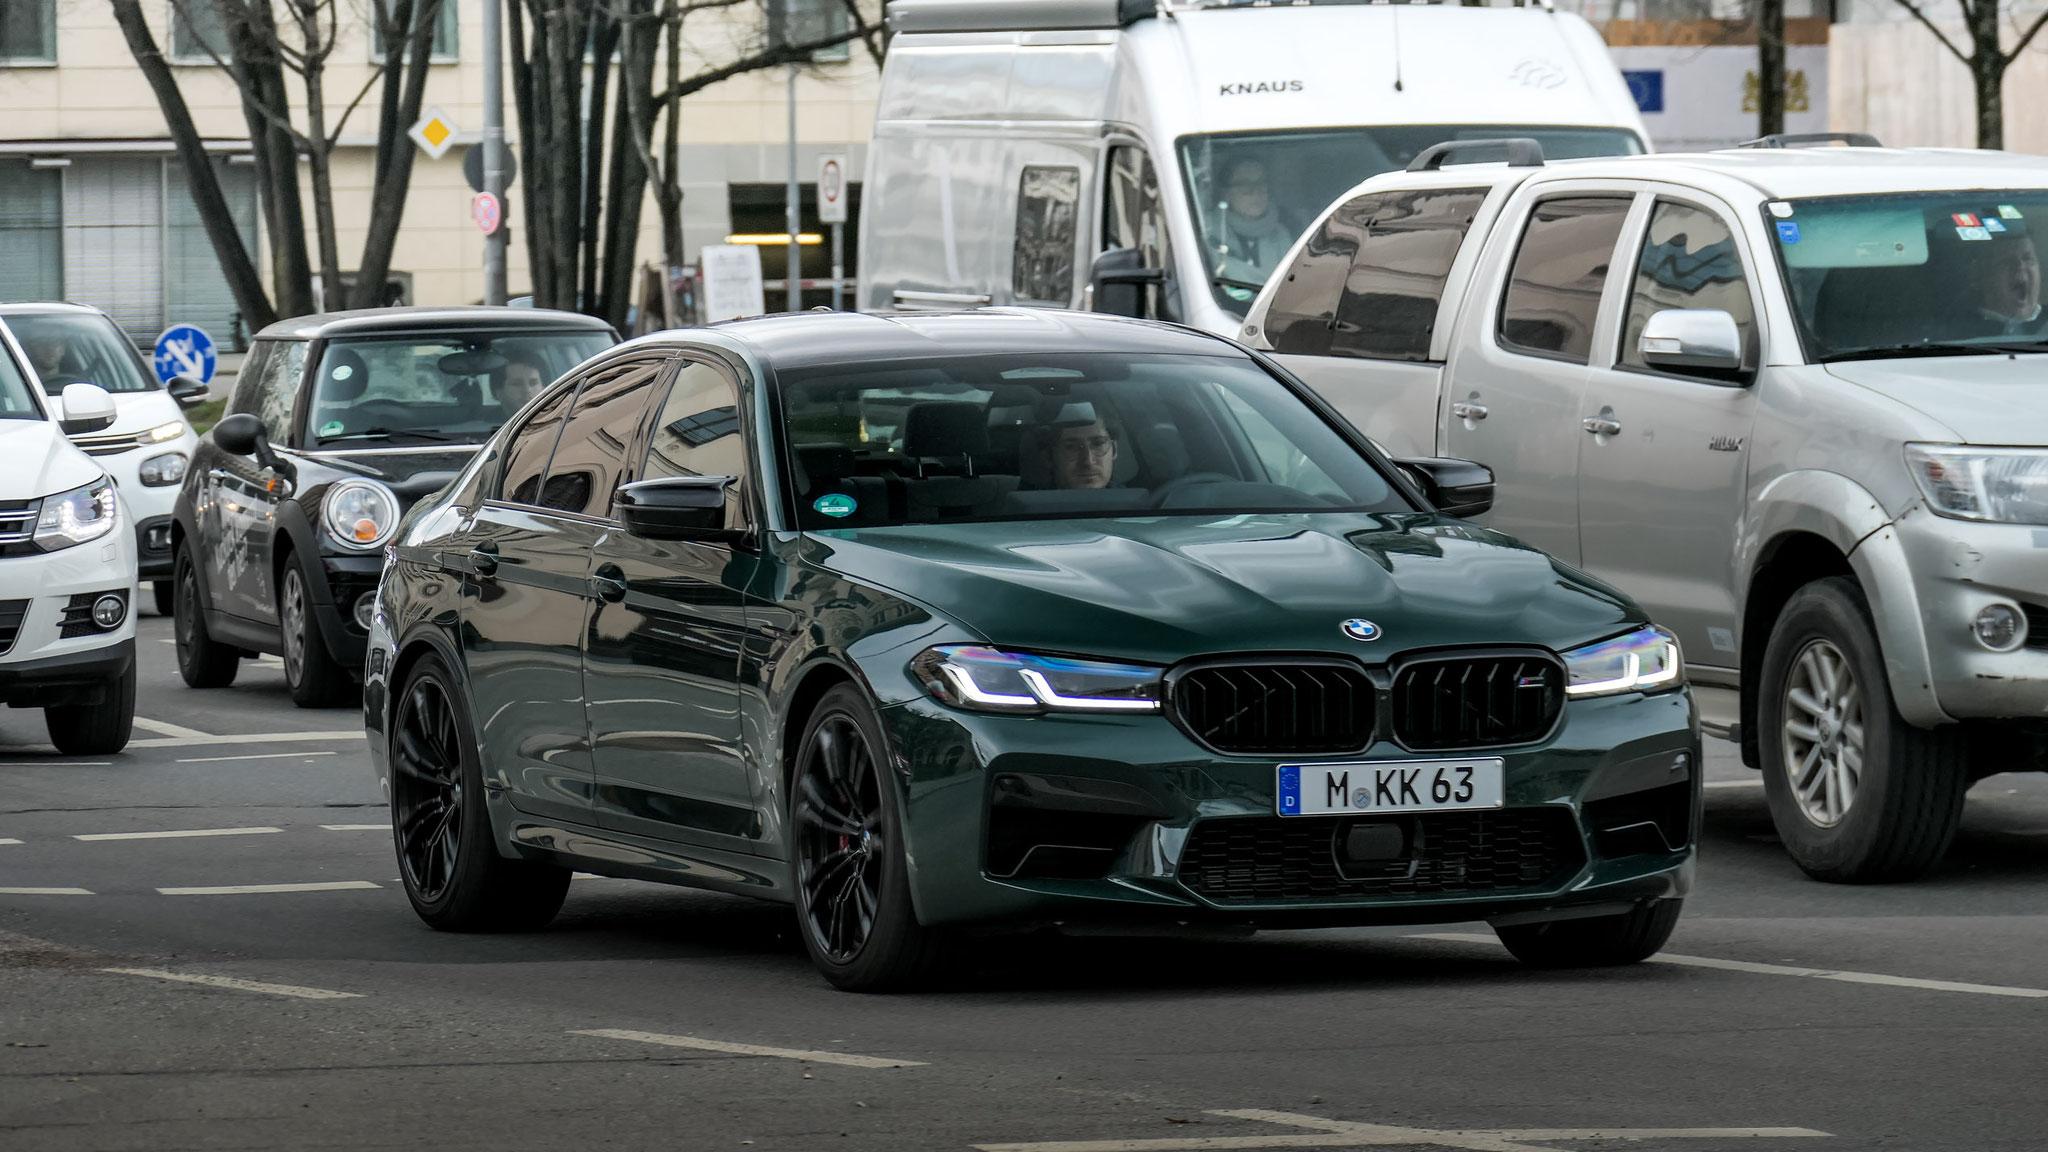 BMW M5 - M-KK-63